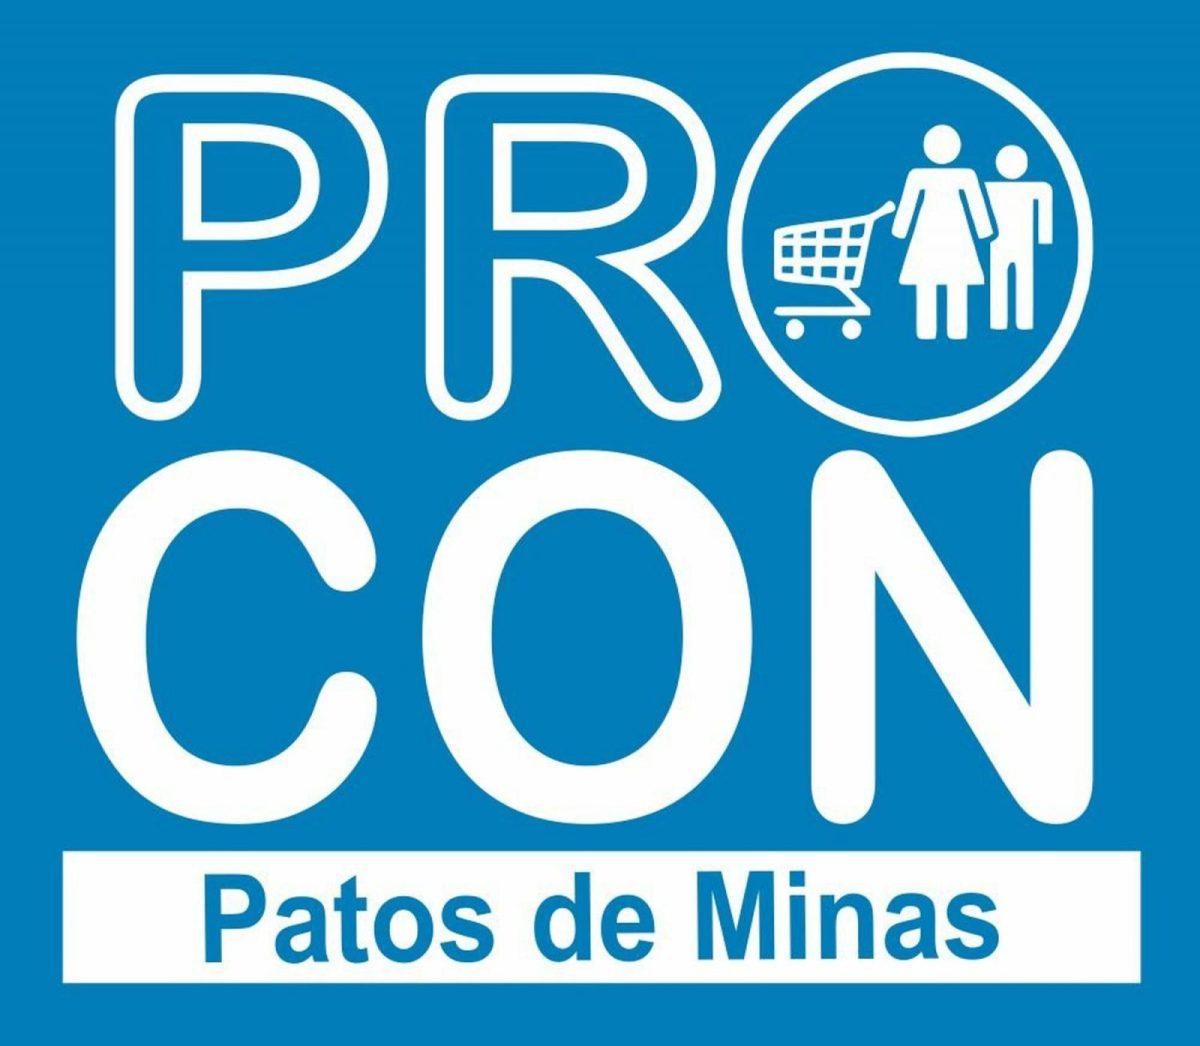 Procon Patos de Minas Black Friday